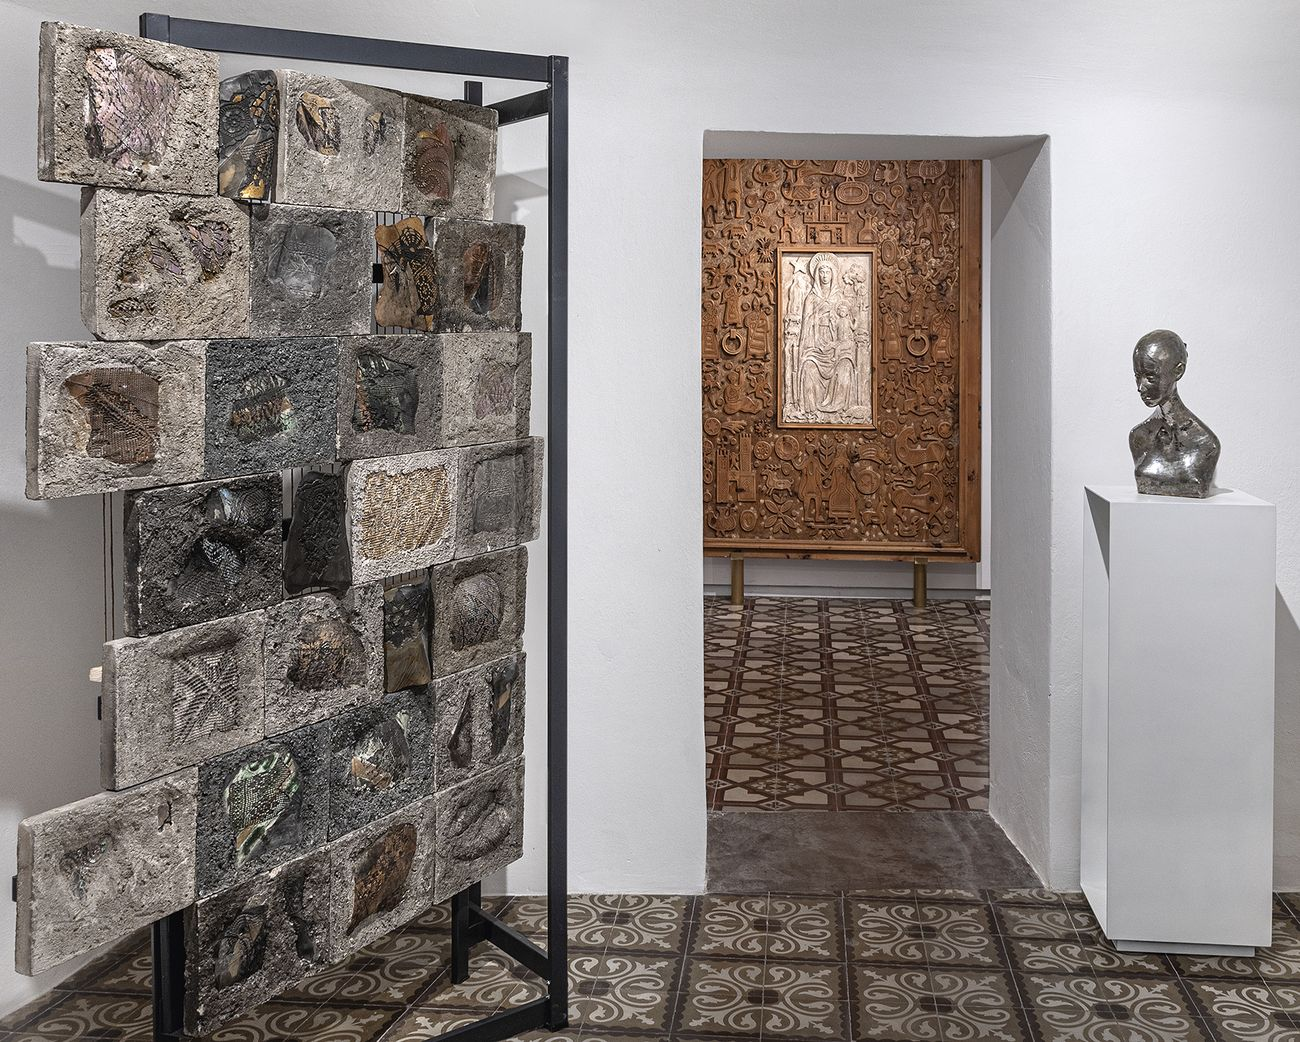 Museo della scultura del '900 sardo. Installation view at Spazio Ilisso, Nuoro 2021, Photo Spazio Ilisso